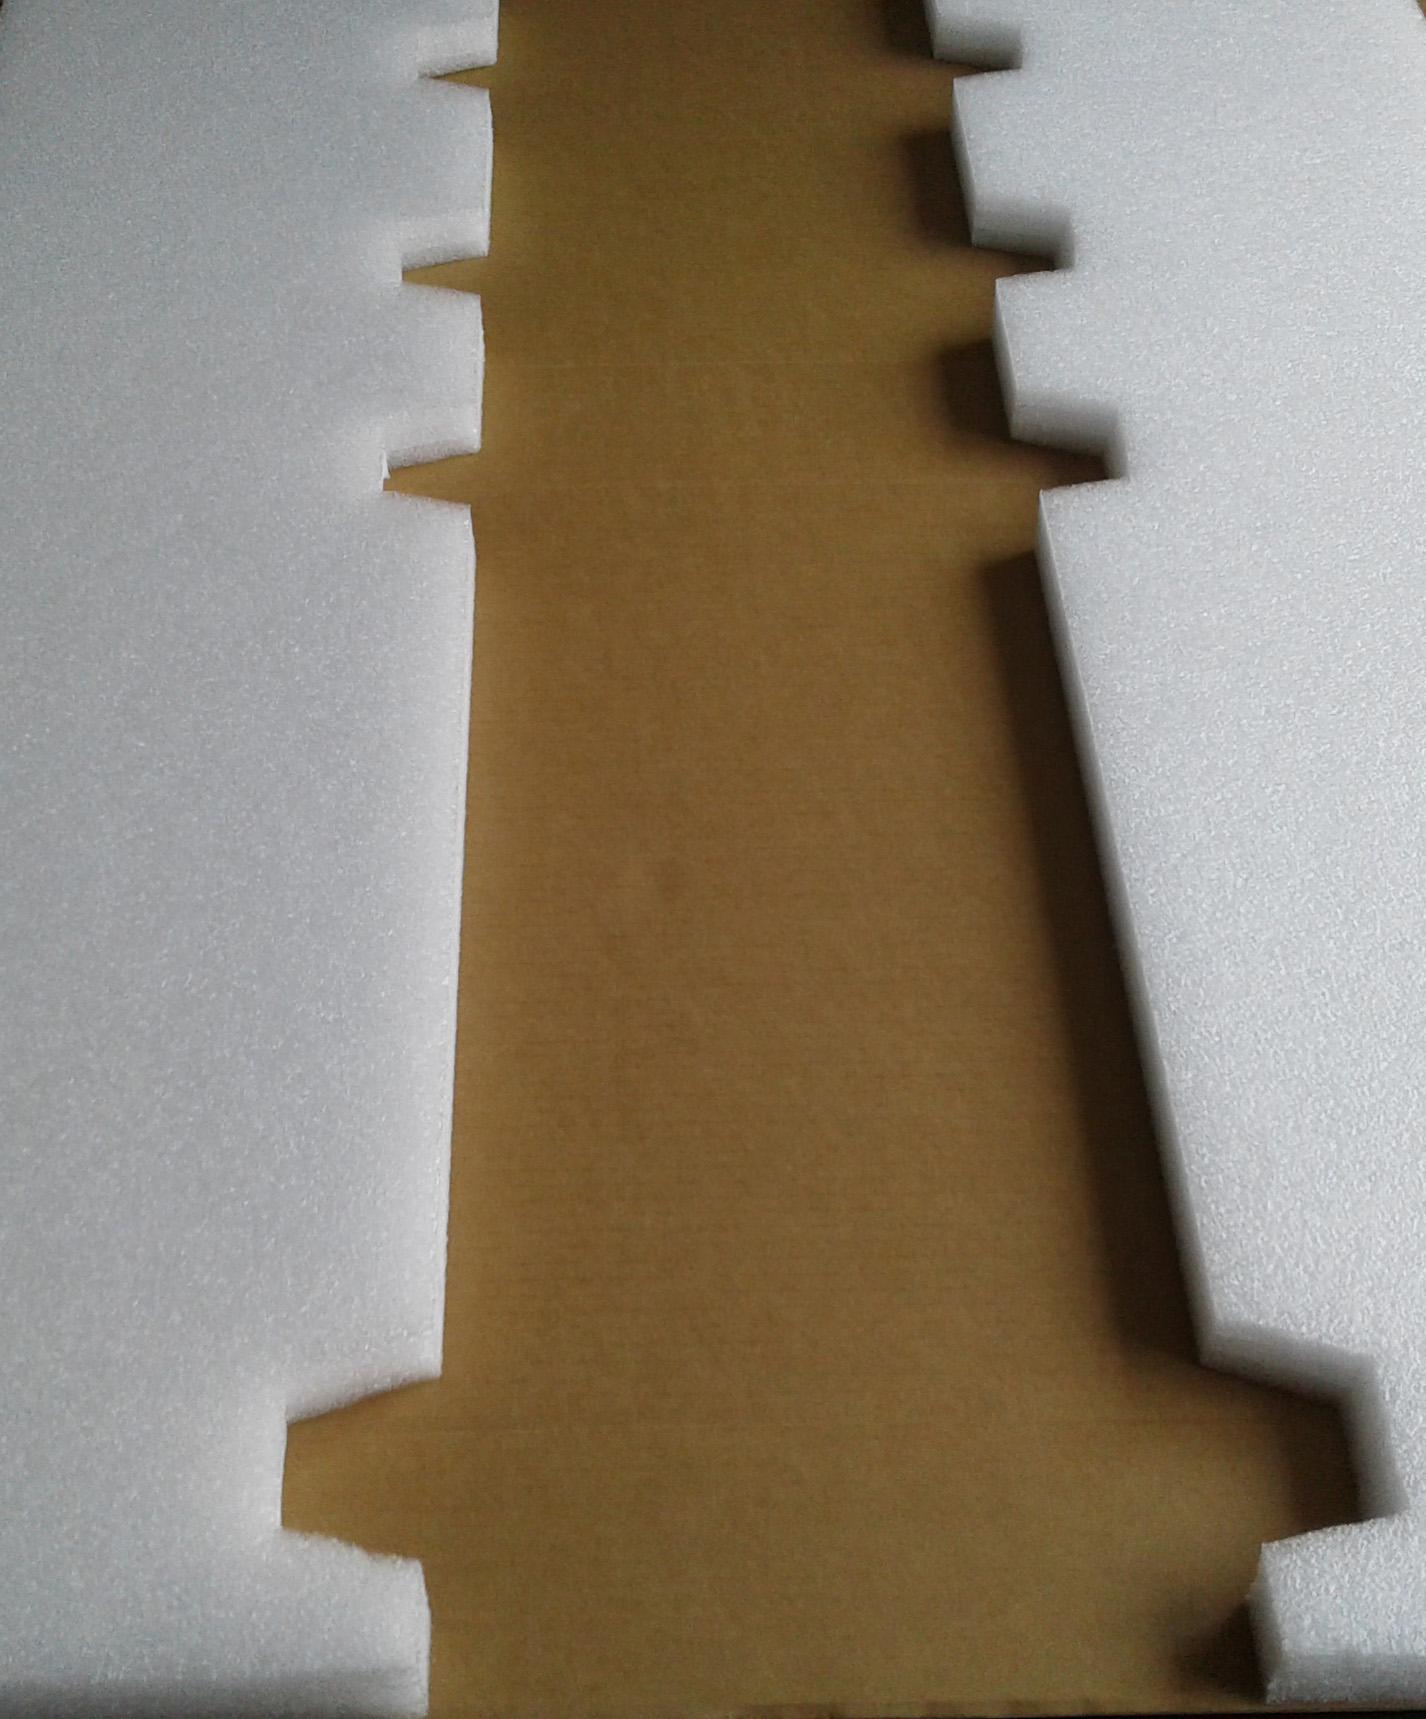 kształtki z kartonem